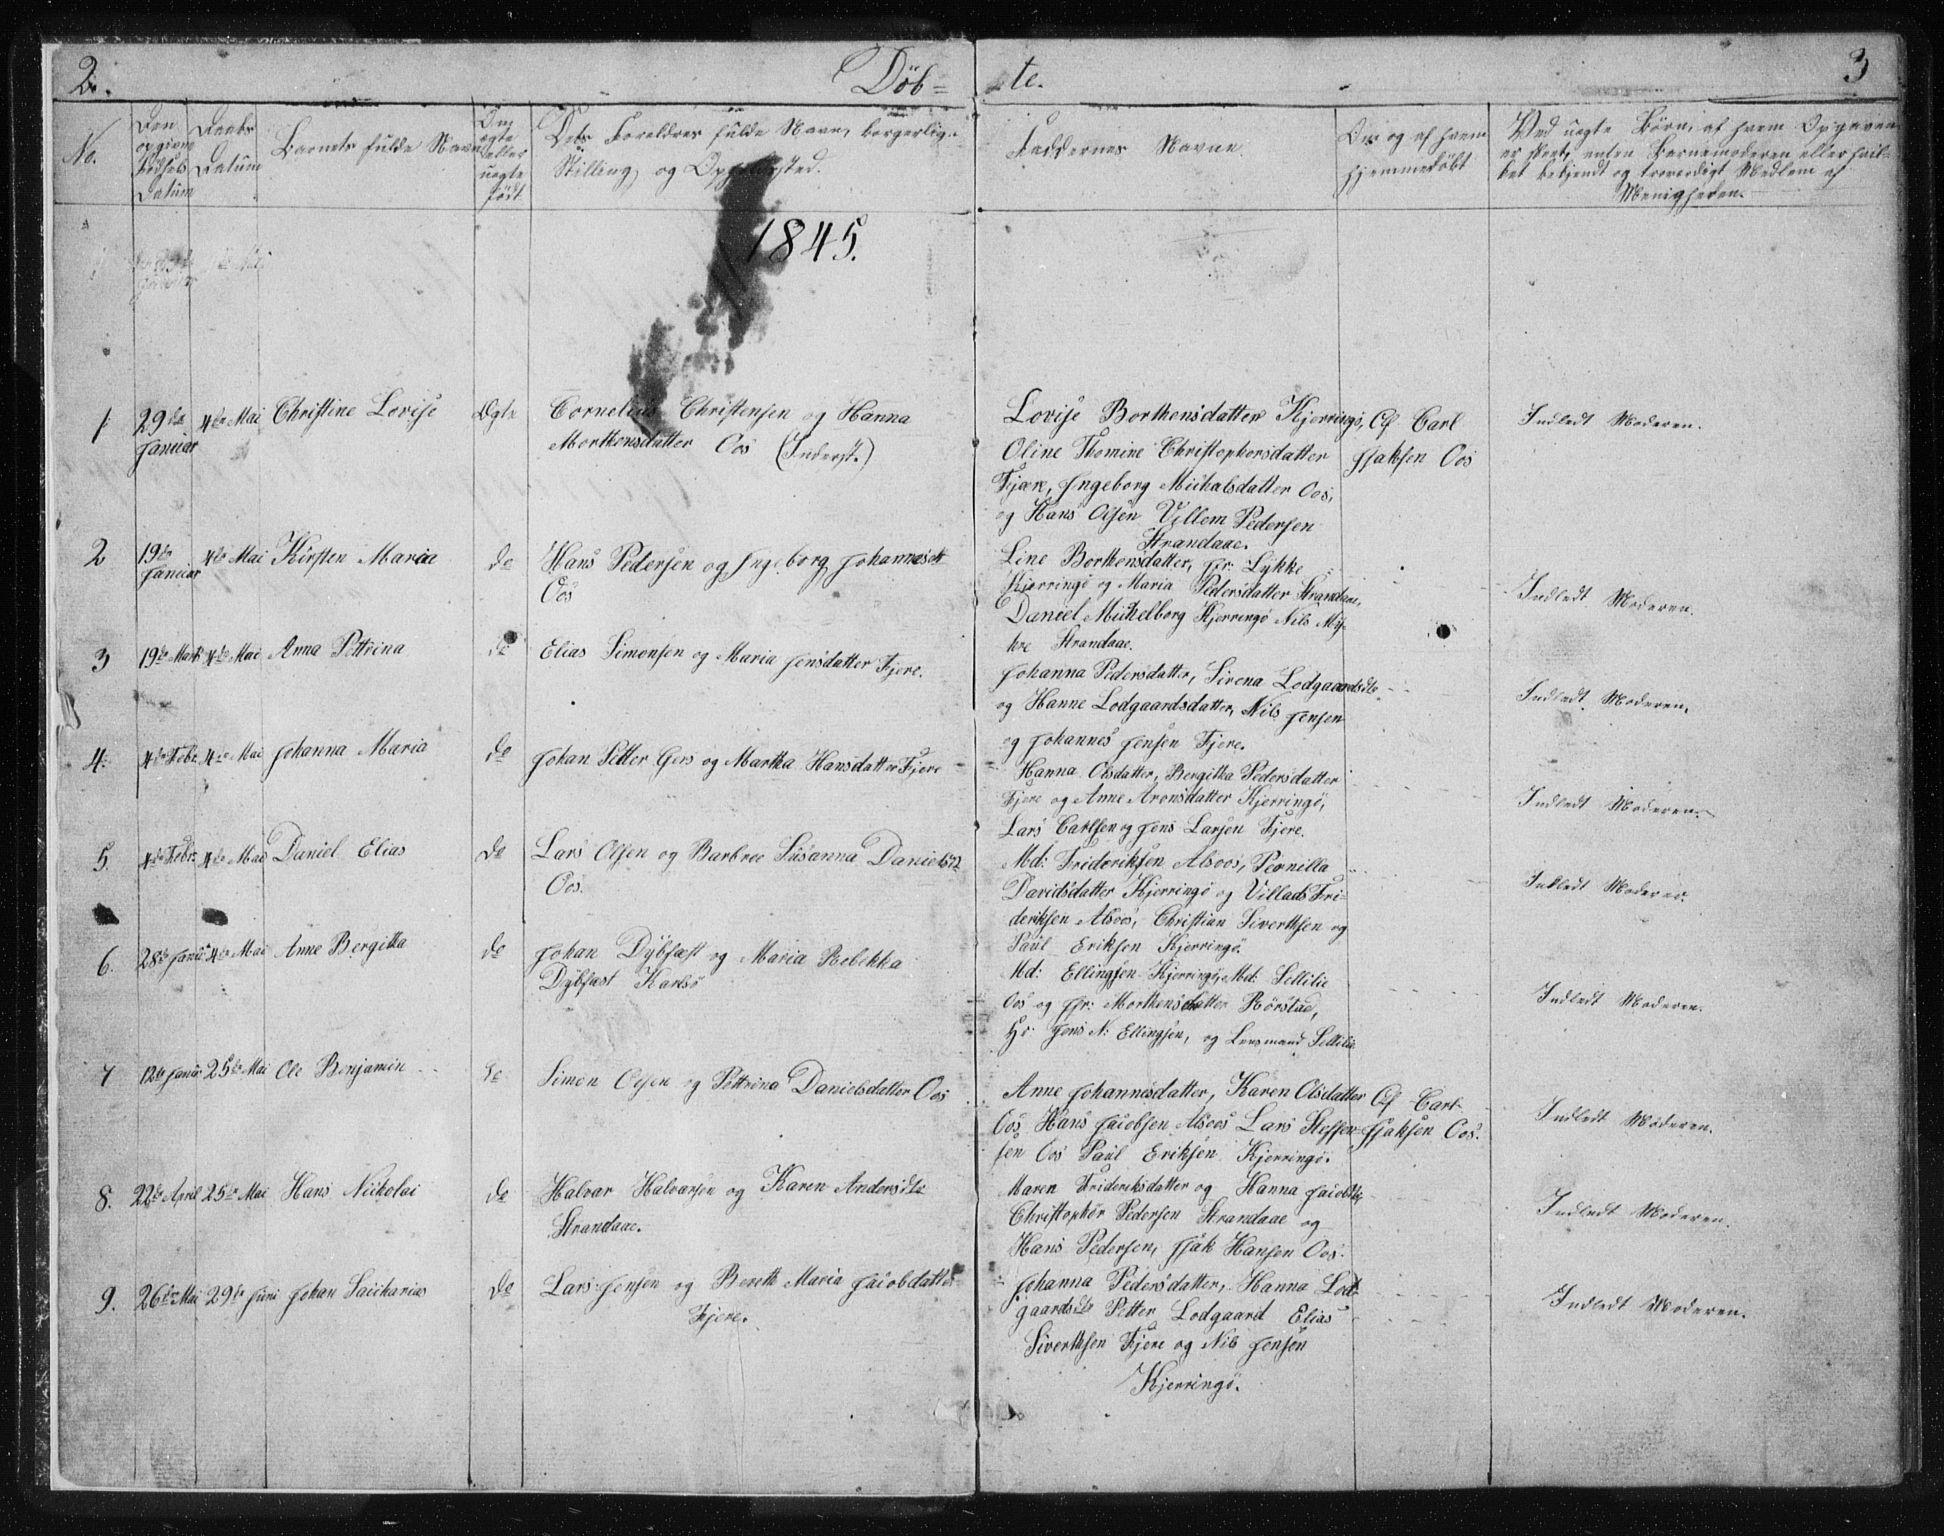 SAT, Ministerialprotokoller, klokkerbøker og fødselsregistre - Nordland, 803/L0074: Parish register (copy) no. 803C01, 1845-1866, p. 2-3